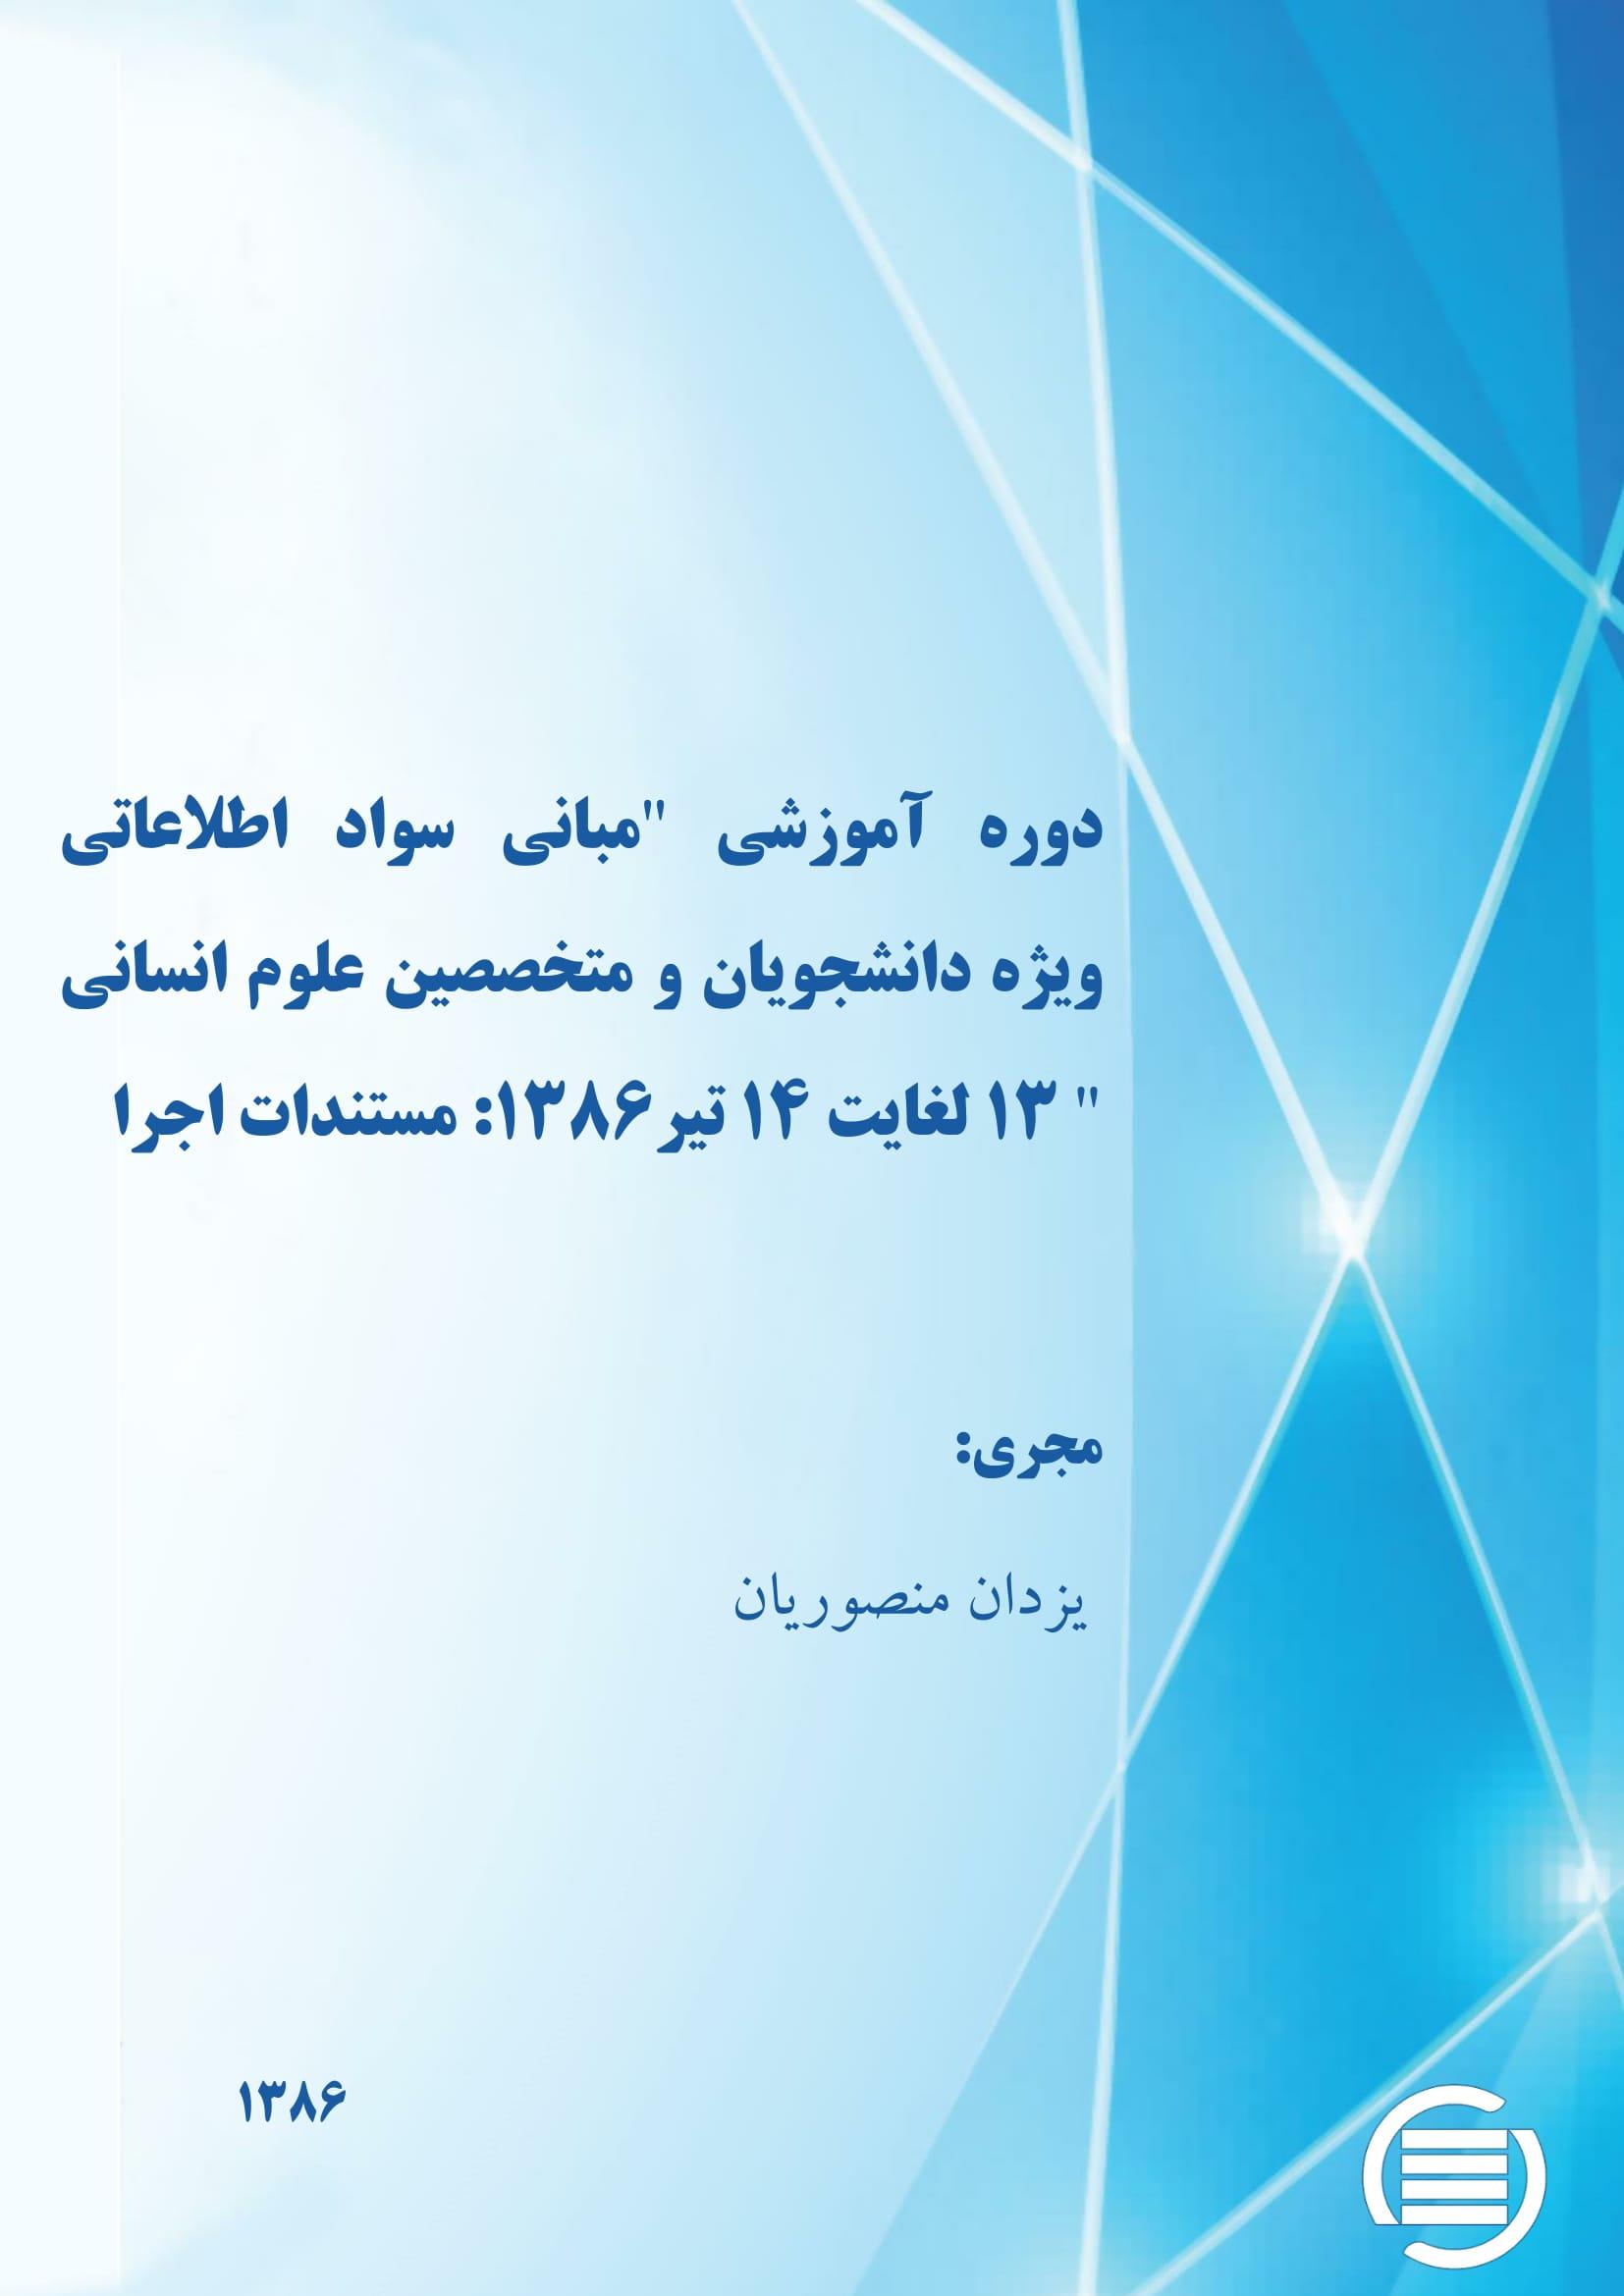 """دوره آموزشی """"مبانی سواد اطلاعاتی ویژه دانشجویان و متخصصین علوم انسانی"""" ۱۳ لغایت ۱۴ تیر 1386: مستندات اجرا"""